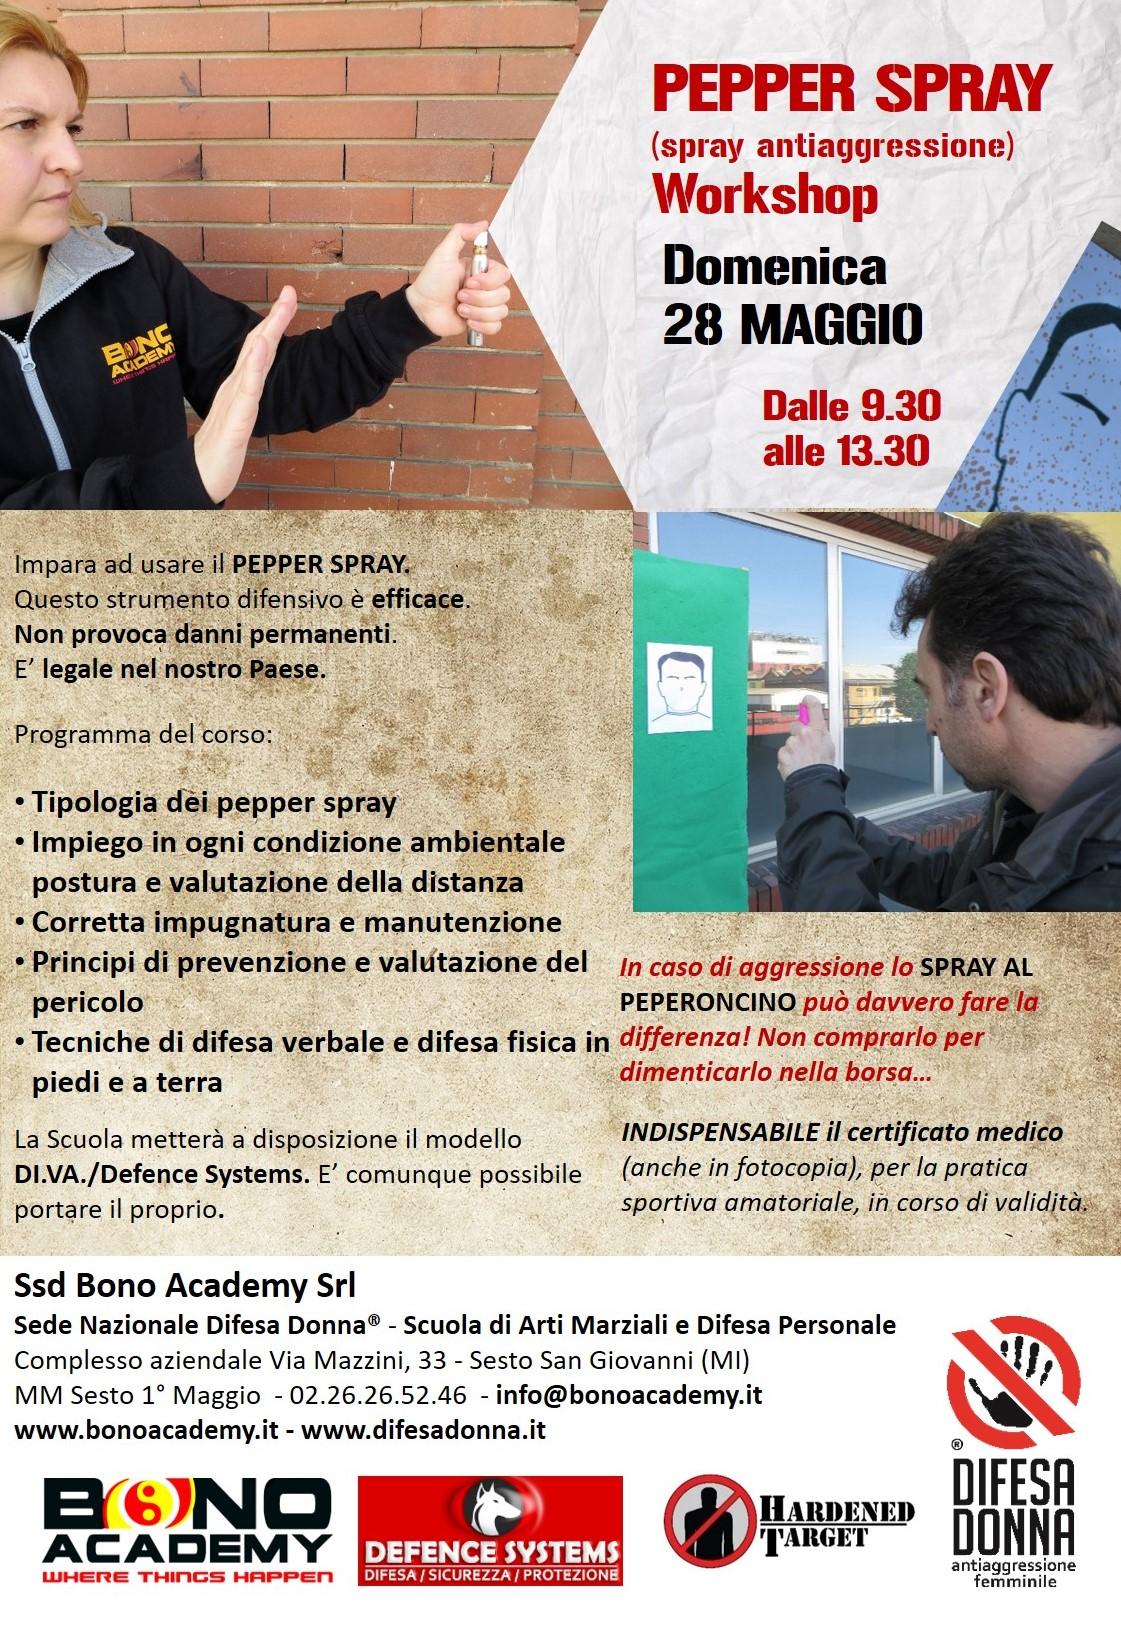 Seminario Pepper Spray antiaggressione 28 maggio 2017